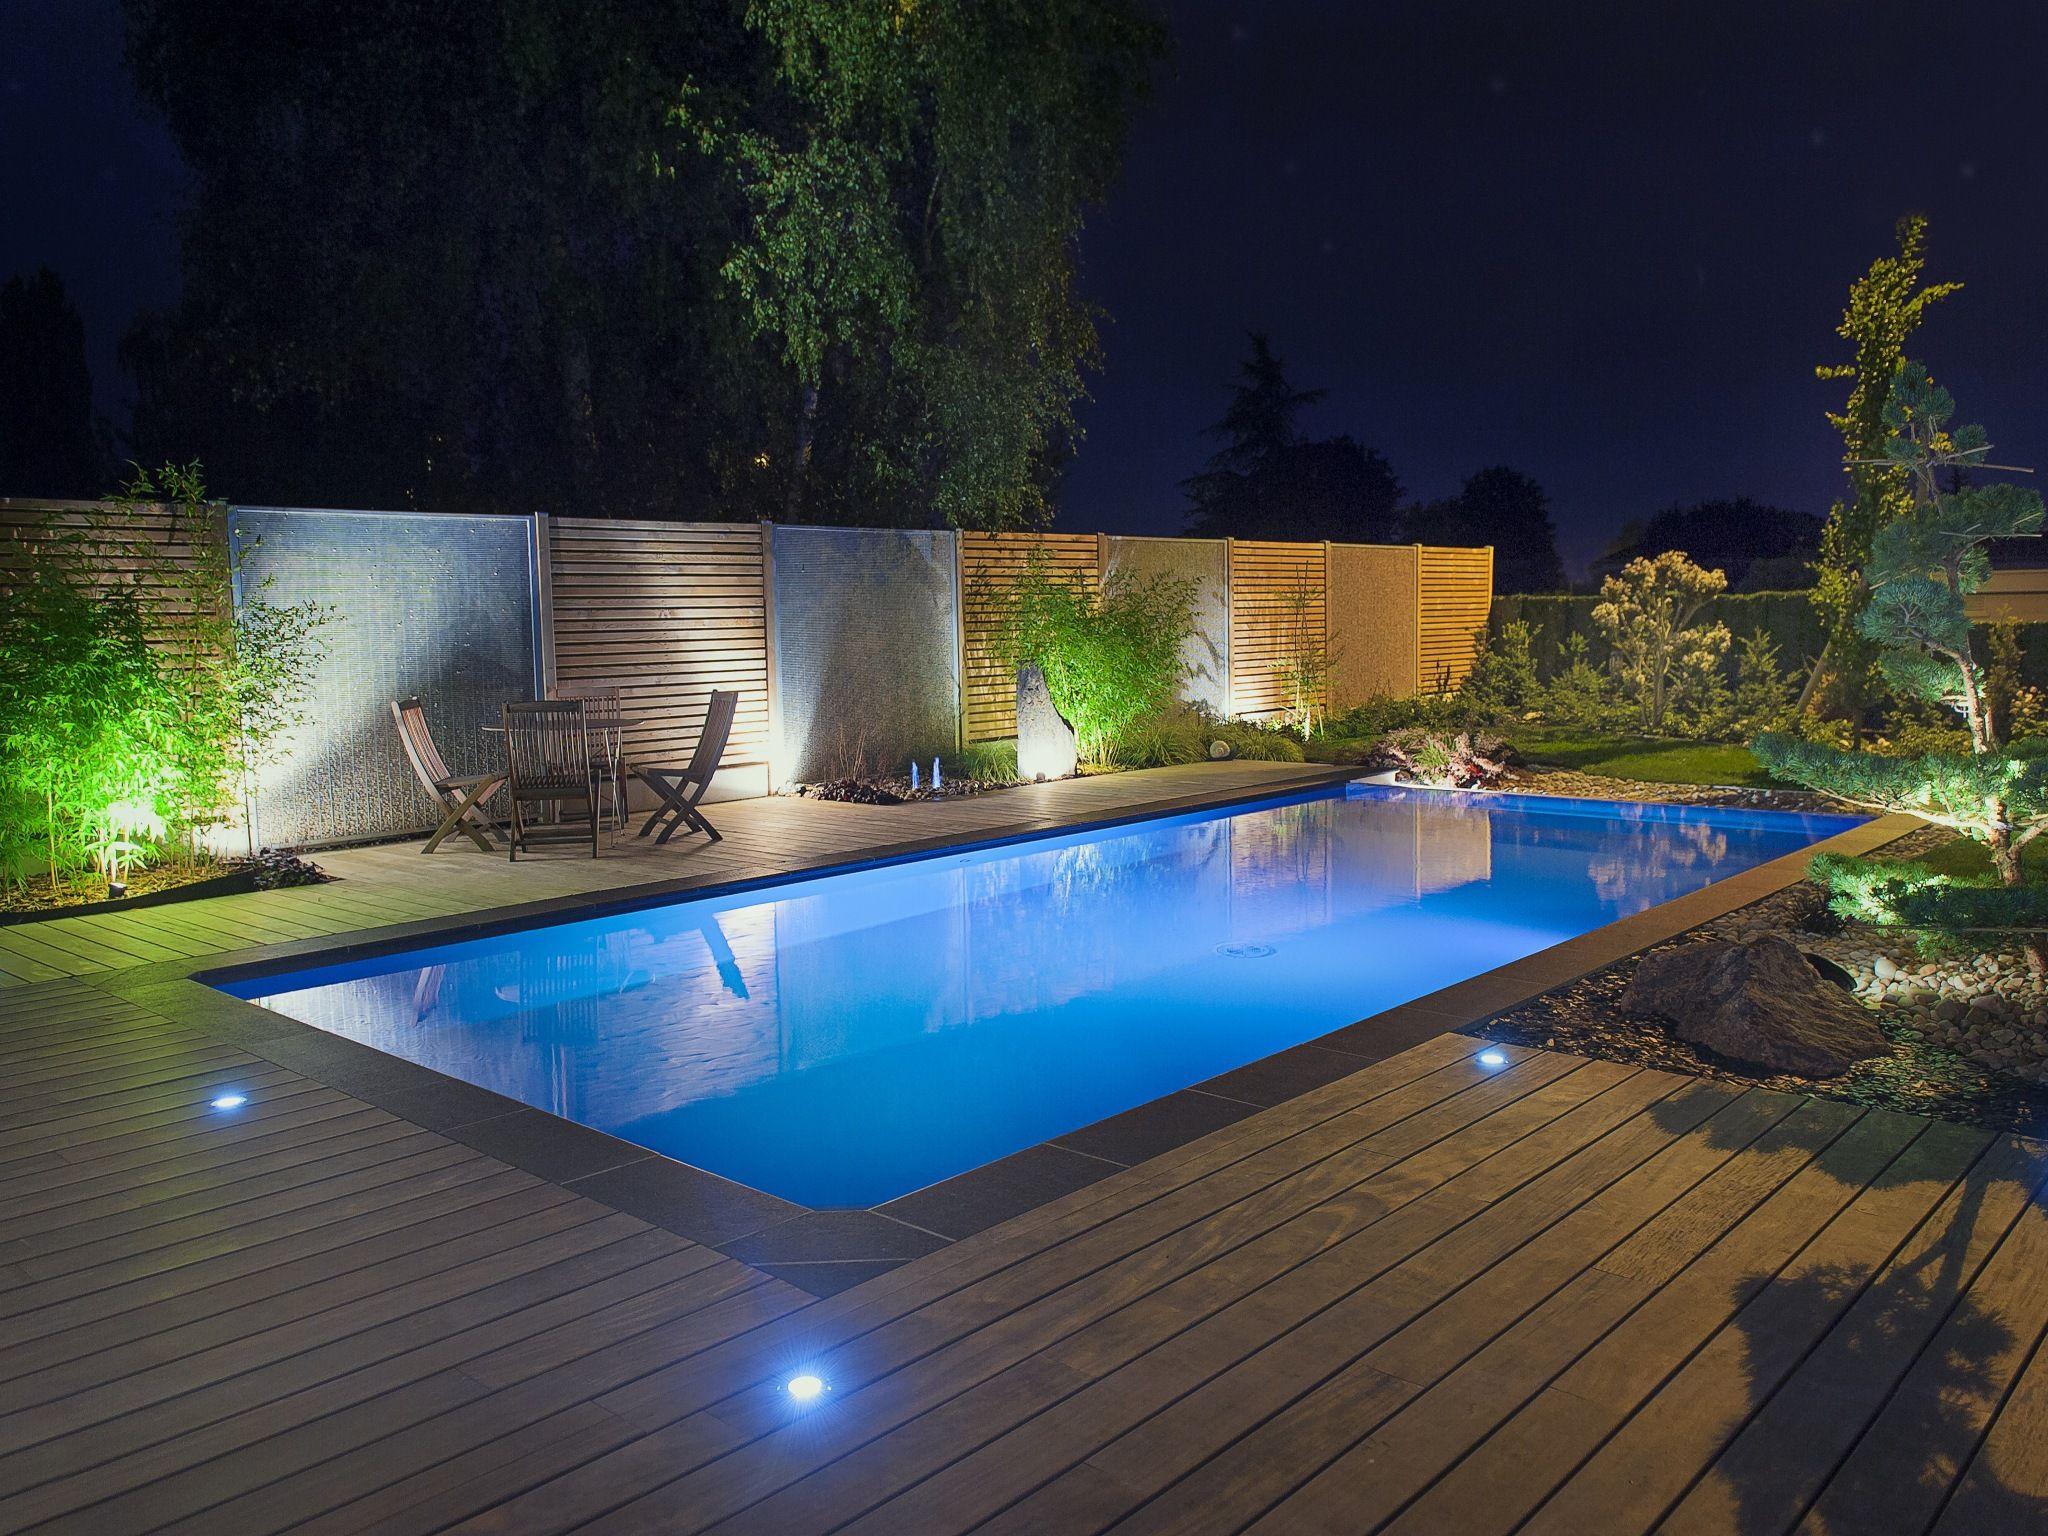 La piscine paysagée par l esprit piscine 8 x 4 m